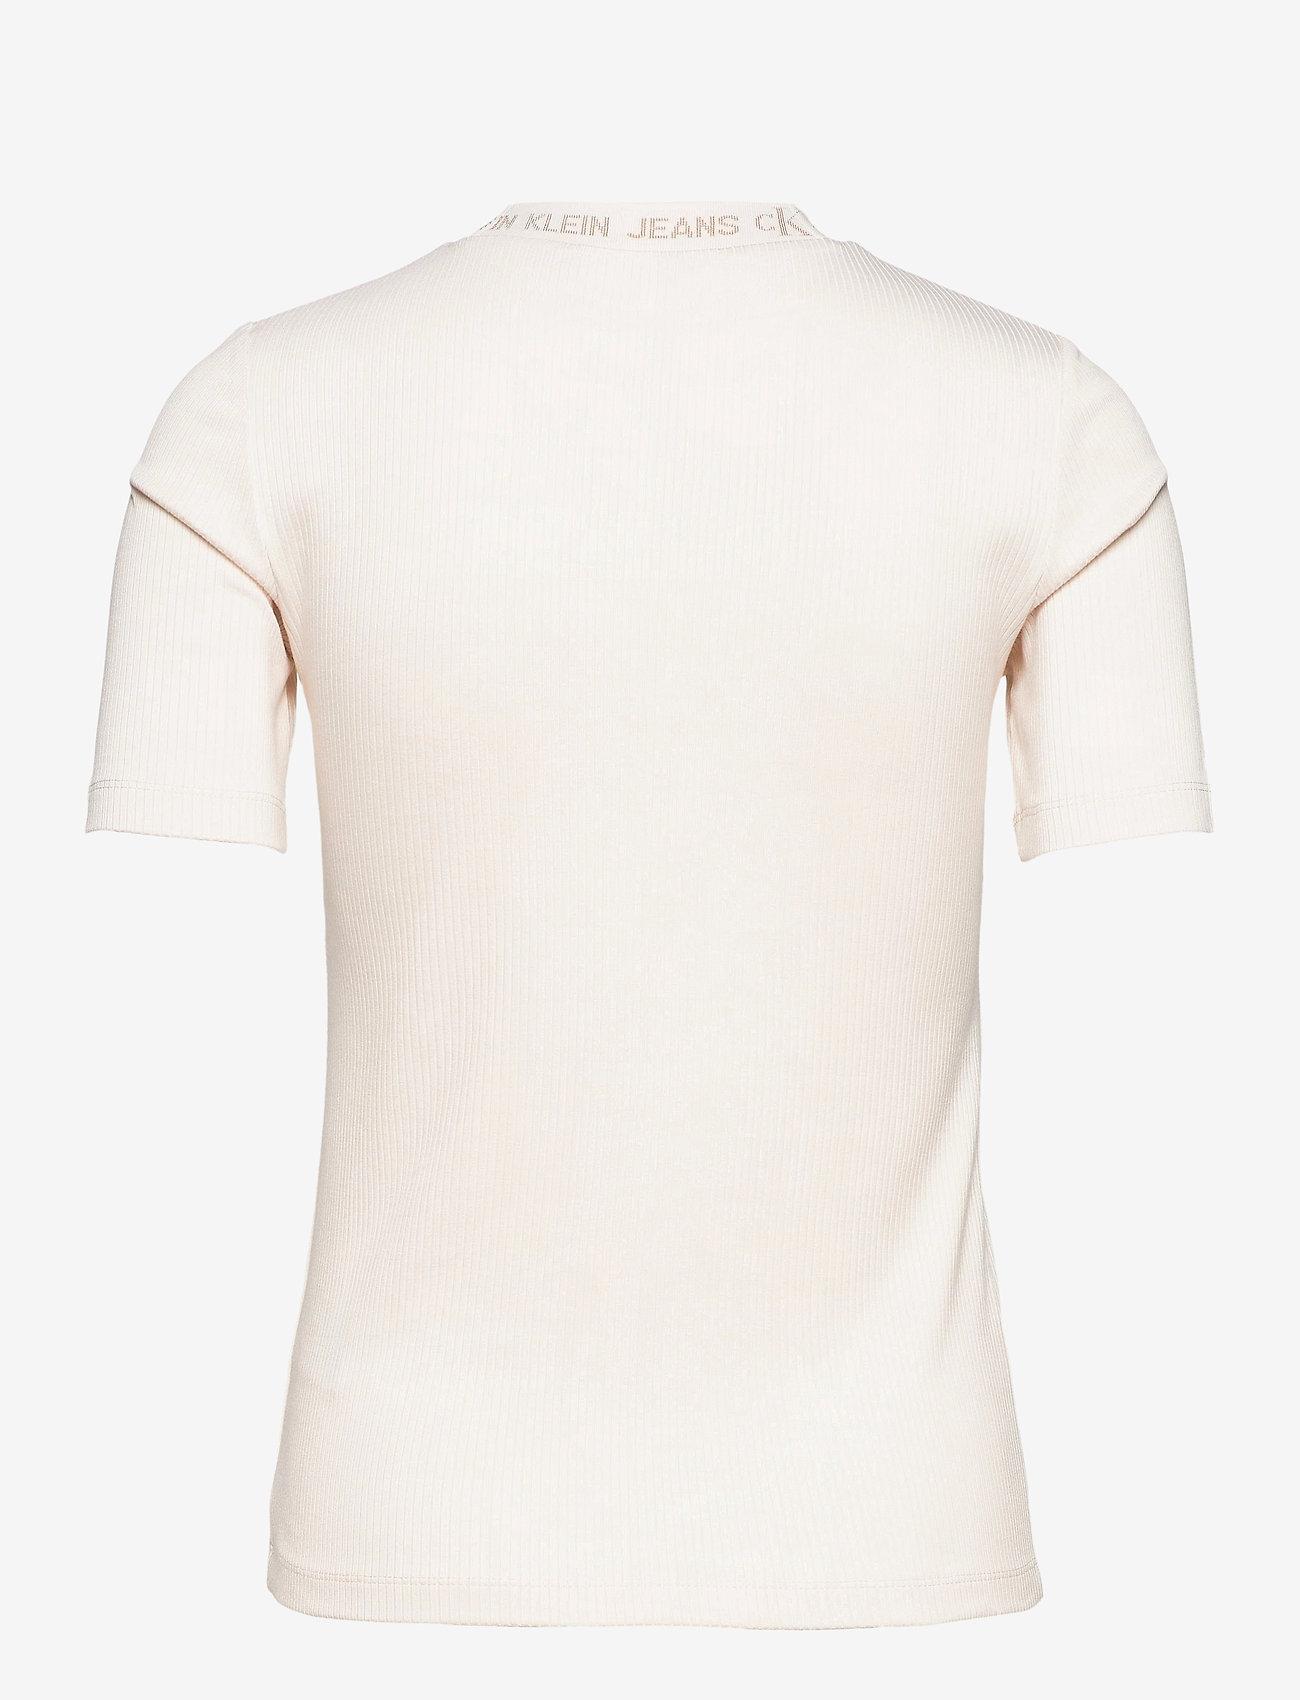 Calvin Klein Jeans - LOGO TRIM RIB TEE - strikkede topper - white sand - 1